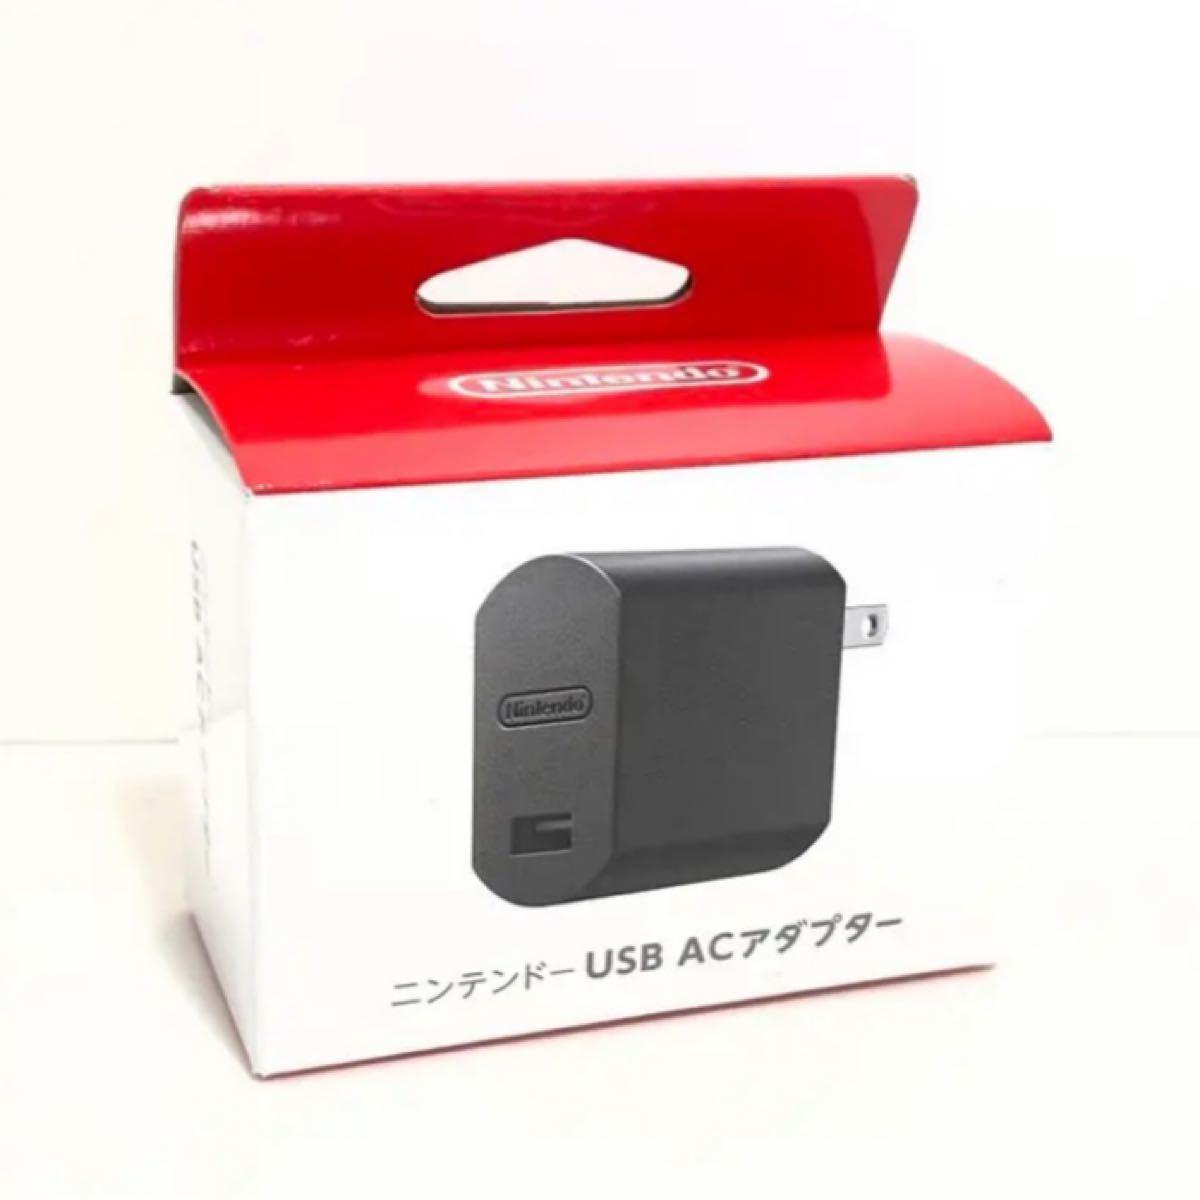 ニンテンドー ACアダプター iPhone USB 変換アダプター Nintendo Switch ライトニング